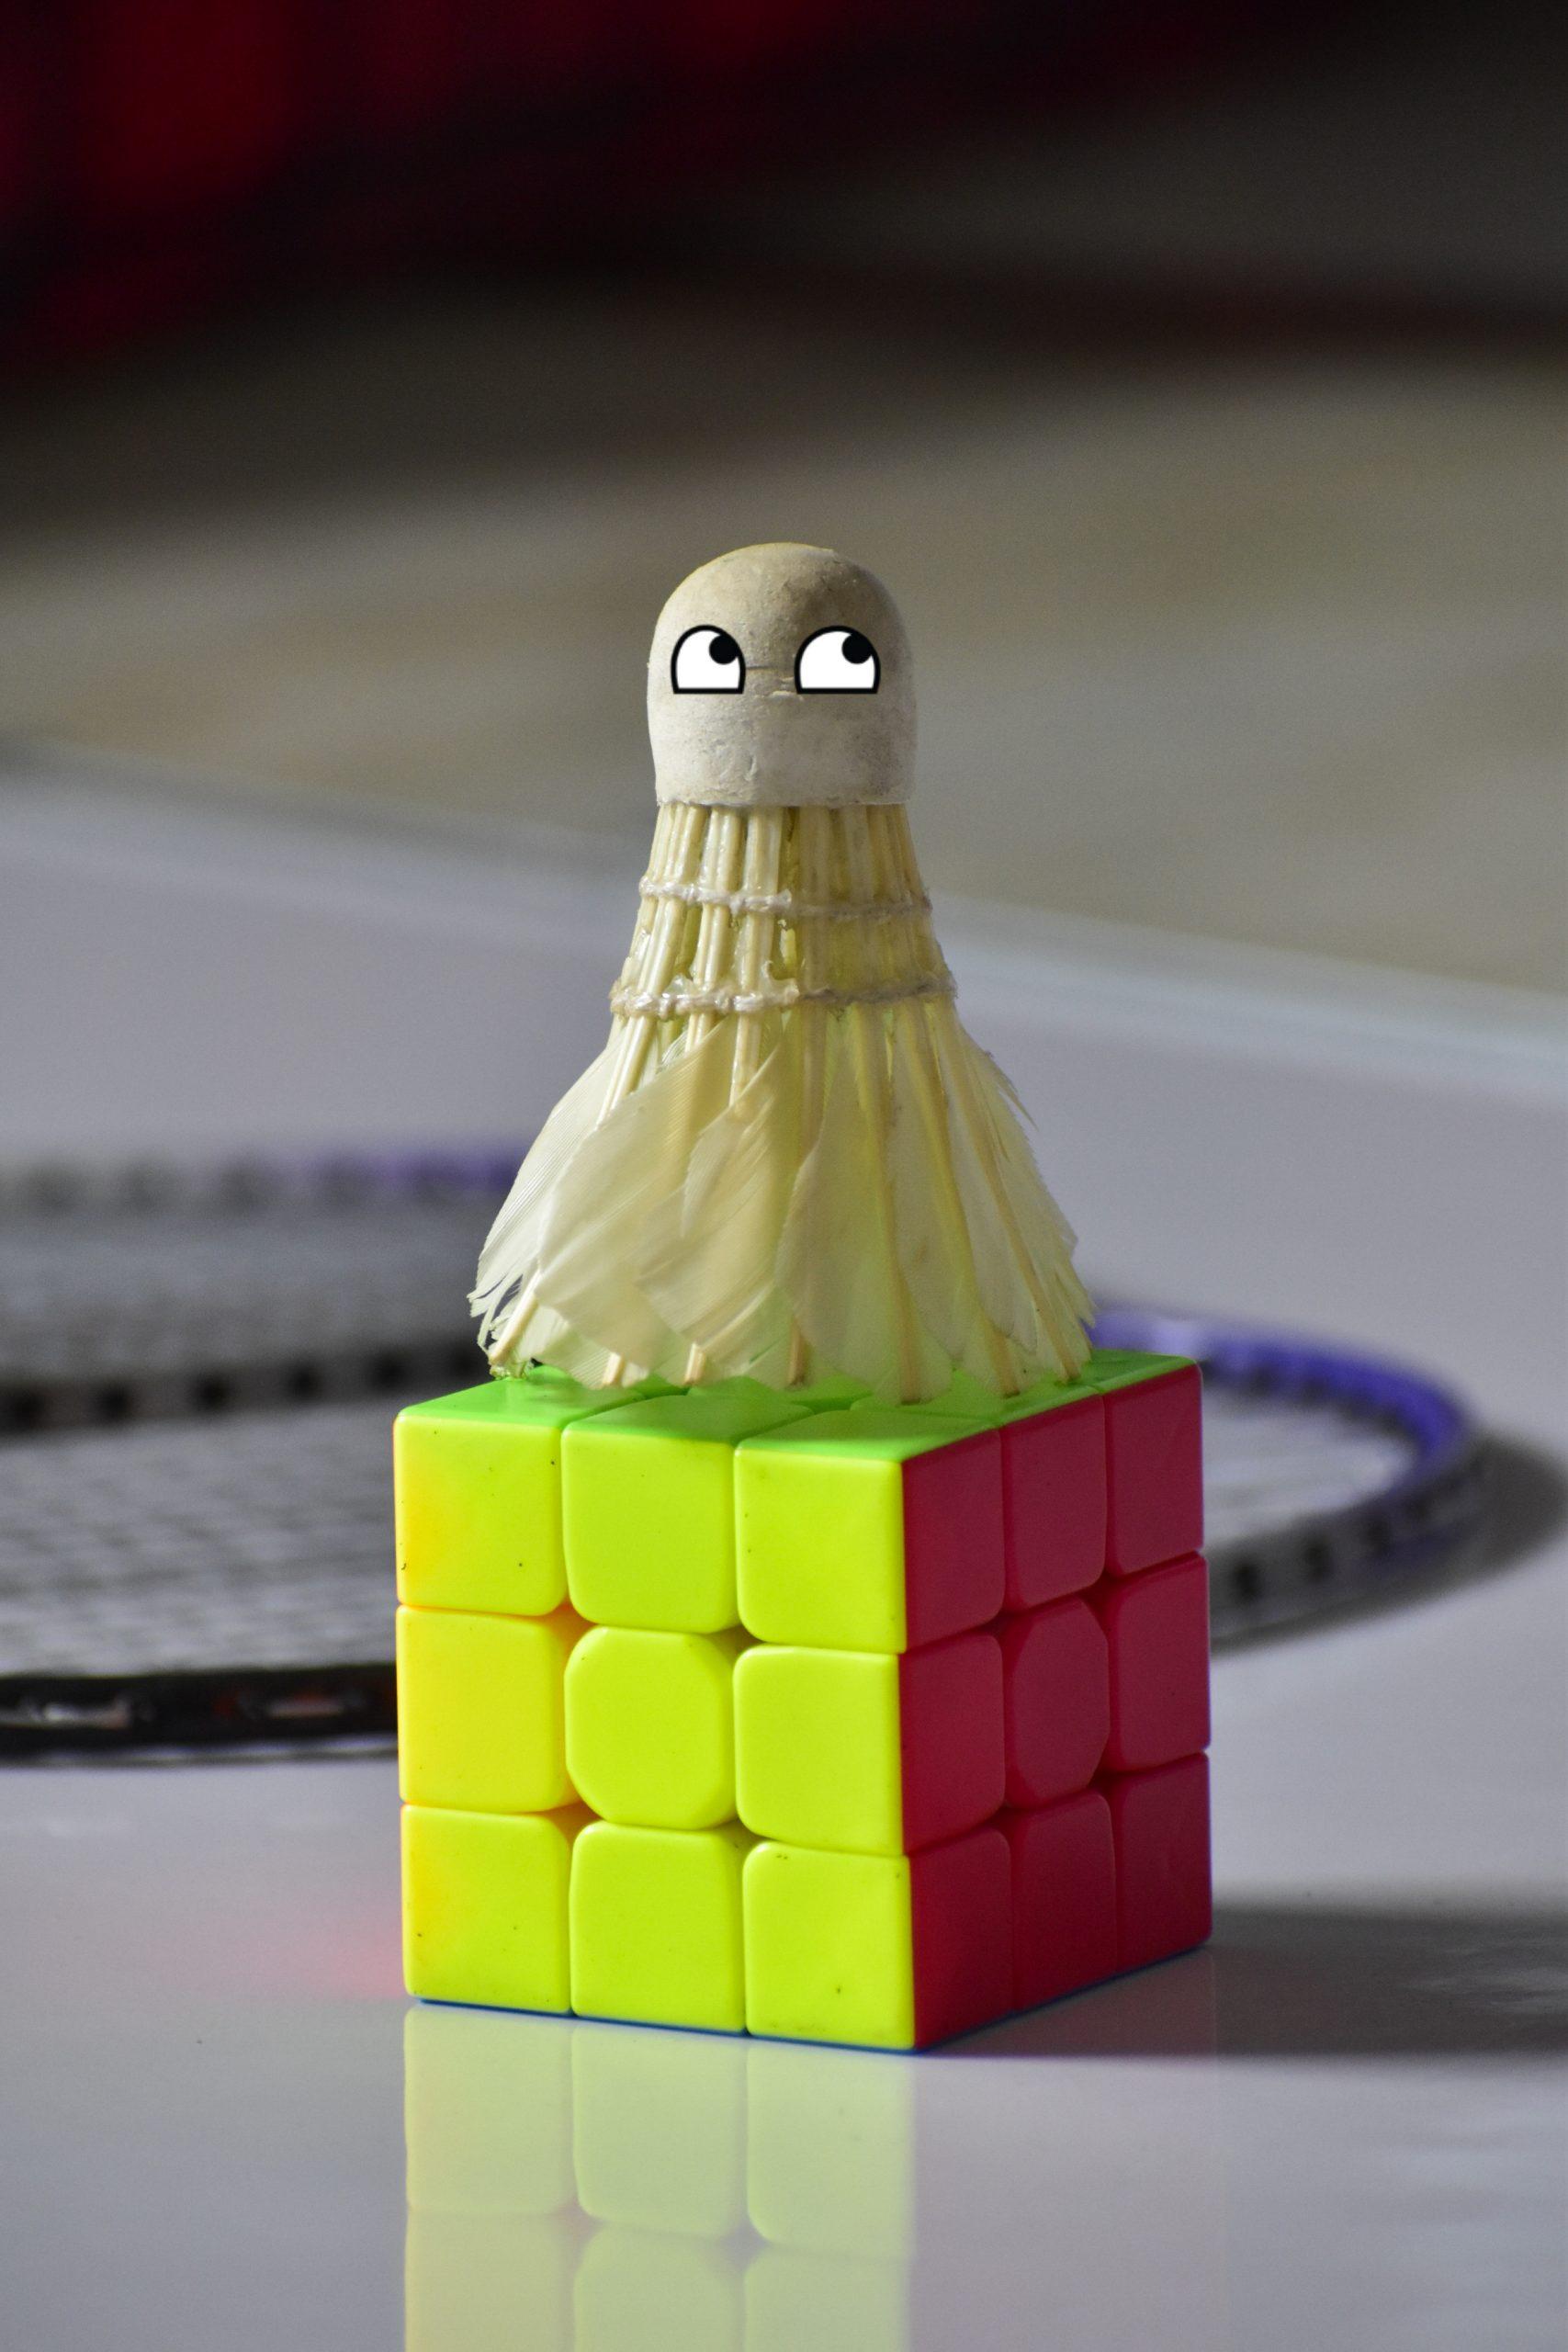 A cork on a cube